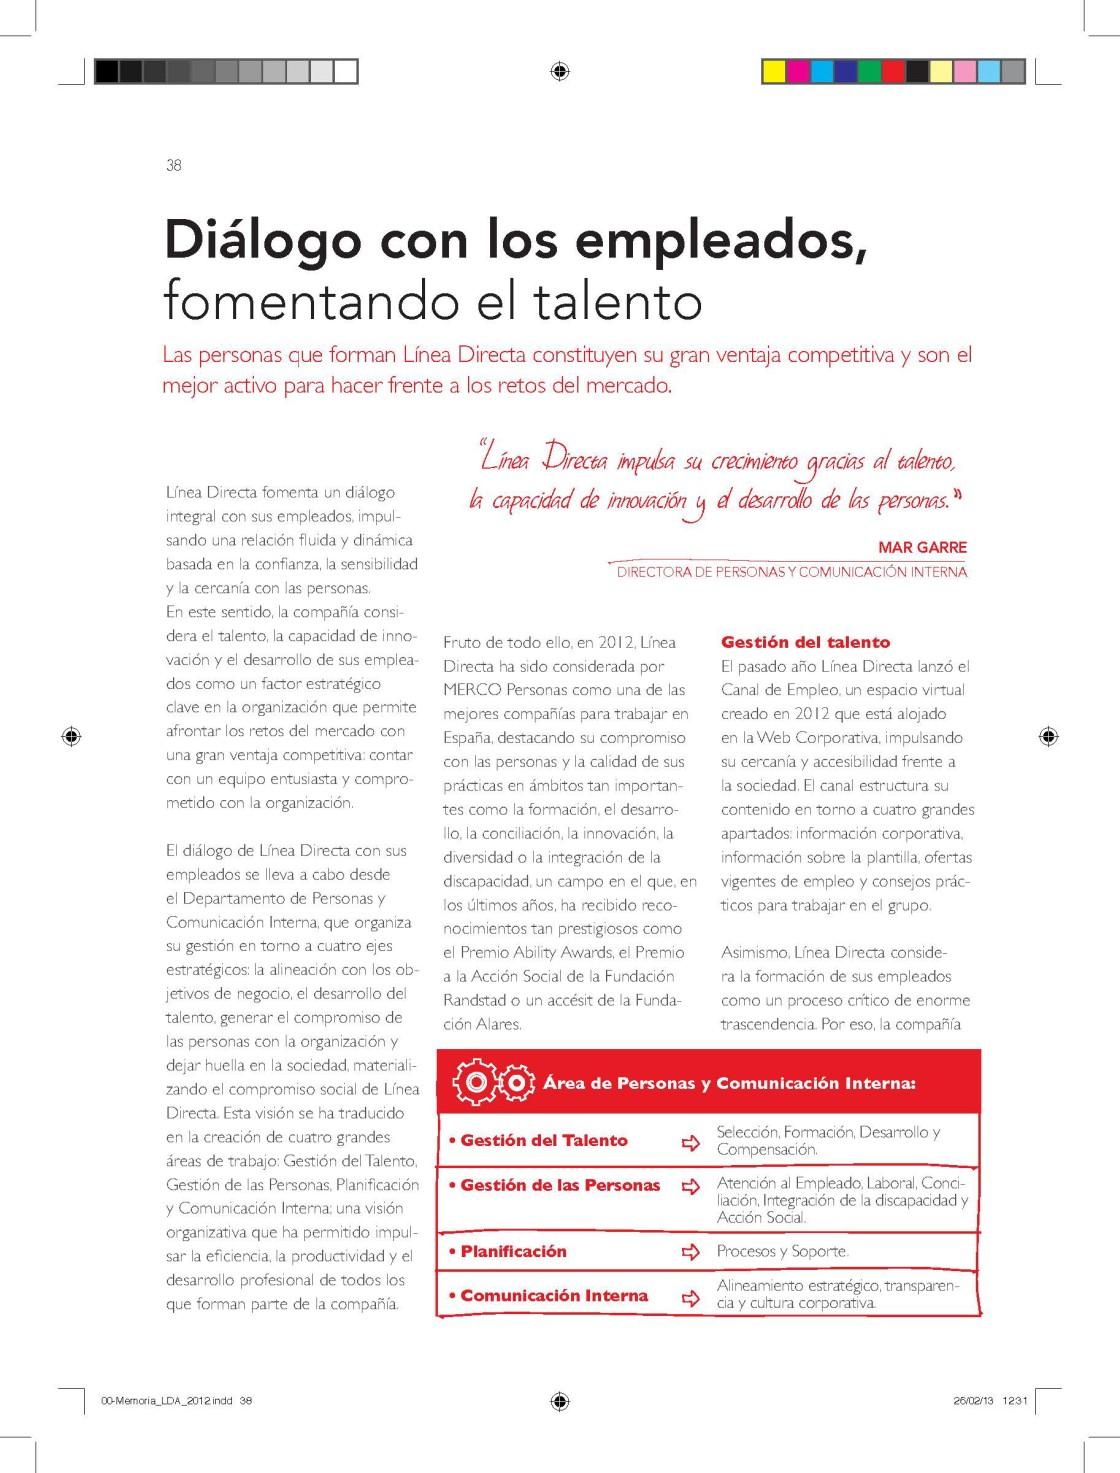 Memoria_LDA_2012_Page_38